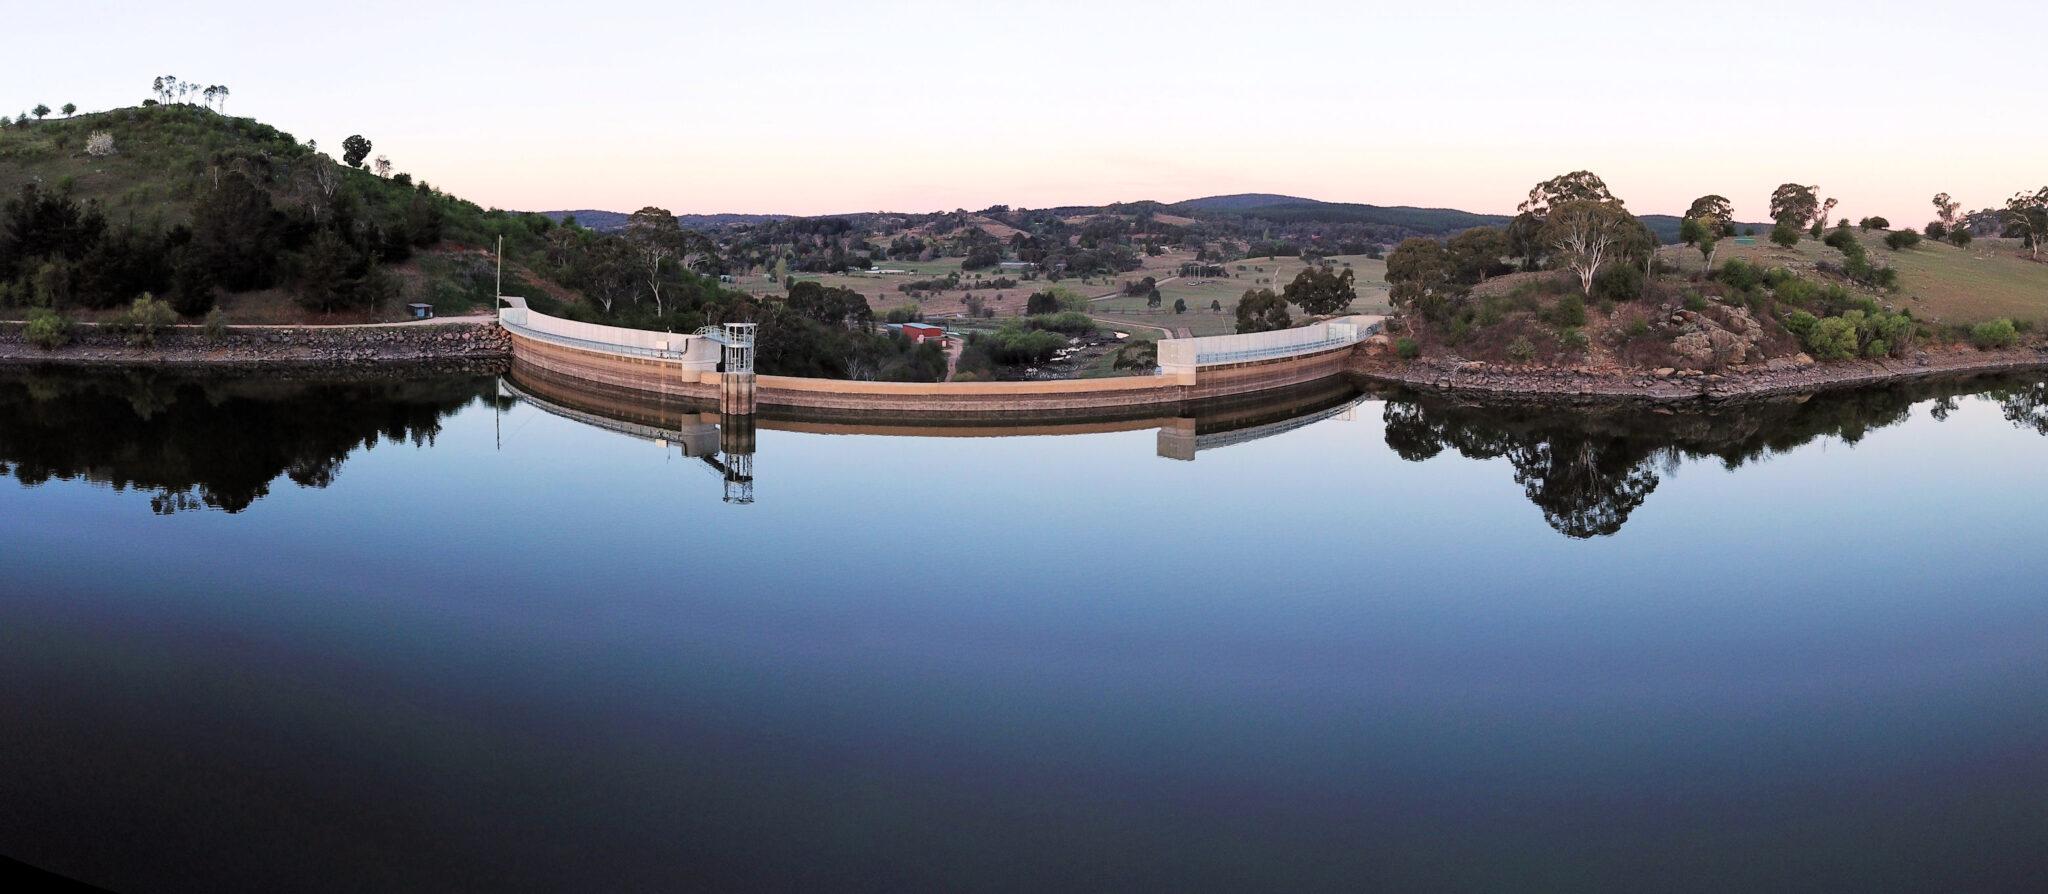 Suma Park Dam in 2018